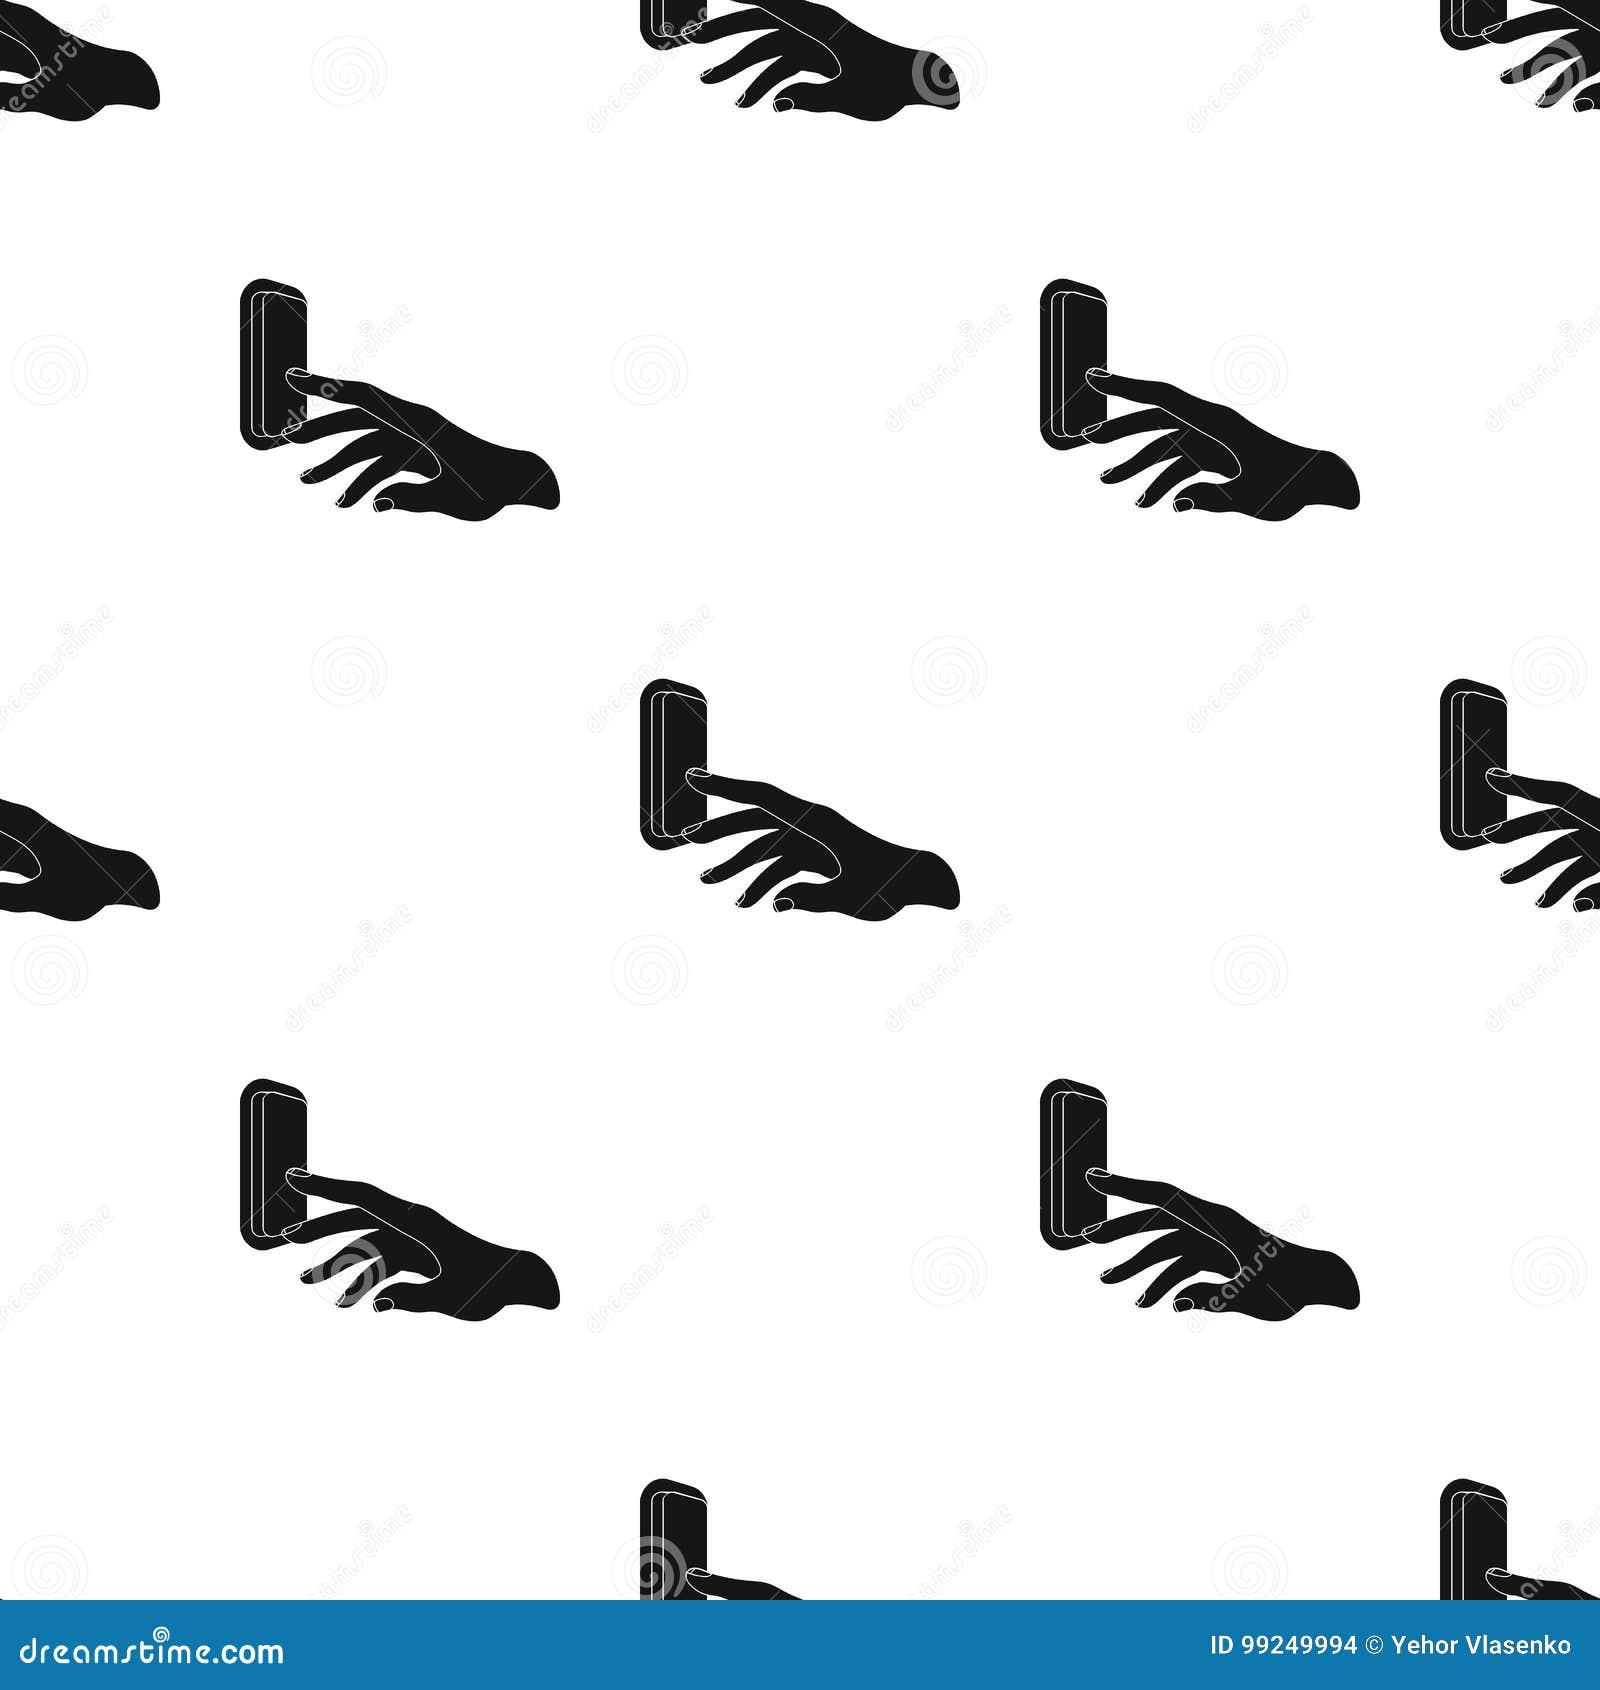 Ausgezeichnet Symbol Des Schalters Fotos - Der Schaltplan - greigo.com